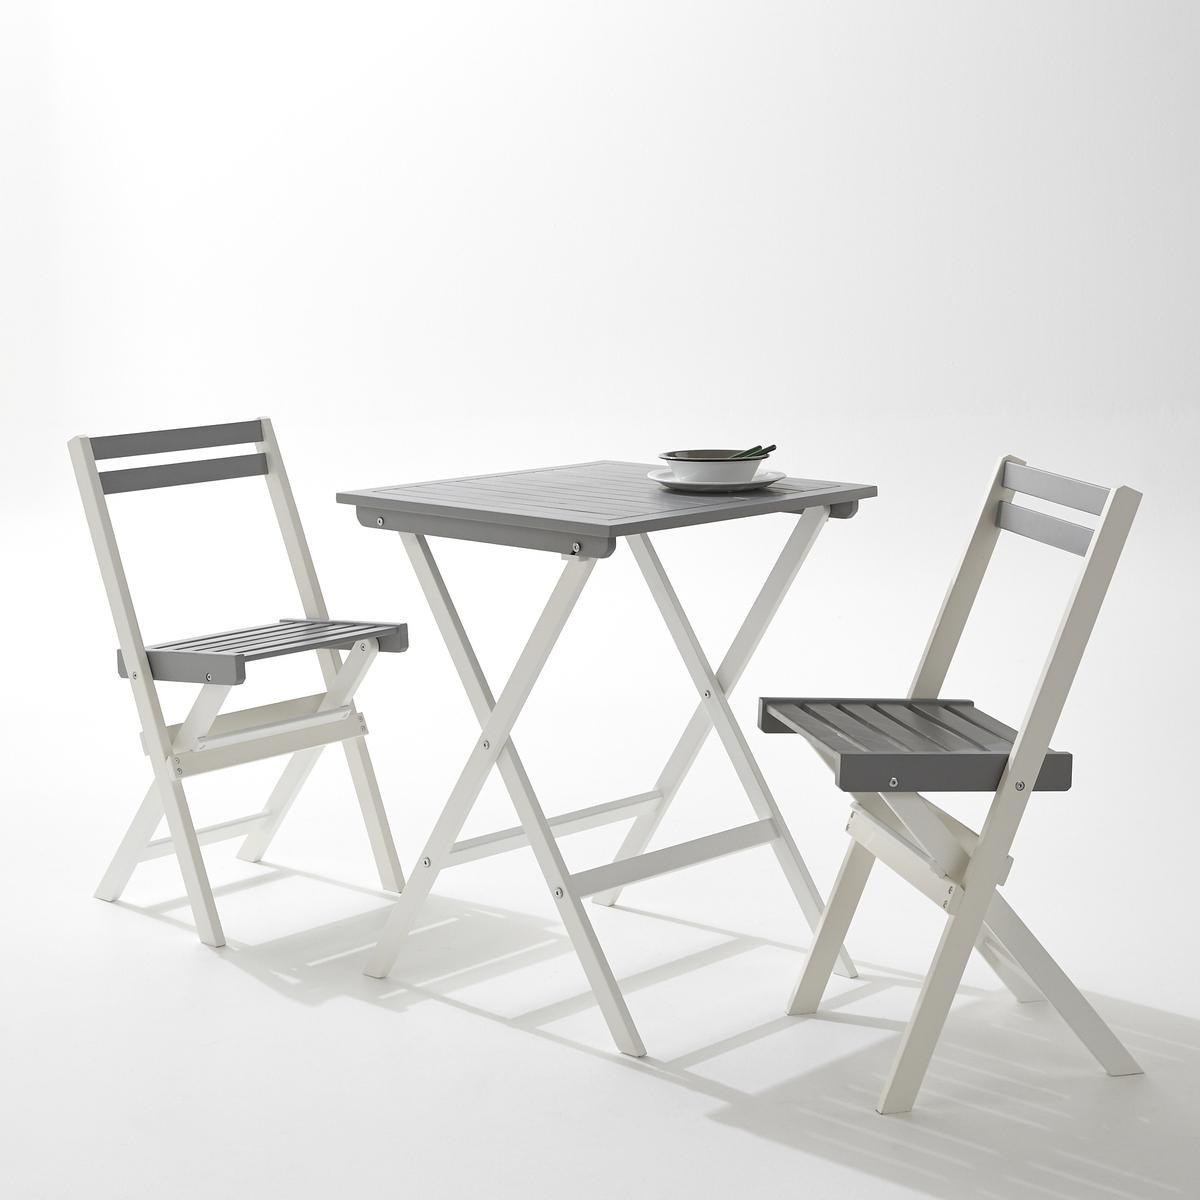 Комплект мебели для садаСтол и стулья складываются для удобства хранения.Характеристики комплекта:1 стол.2 складных стула.Акация контролируемого происхождения.Размеры комплекта:Стол: Д.60 см x Ш.60 см x В.75 см.Стул: Д.42 см x Ш.43,5 x В.80 см.Размеры сиденья:Д.37,4 см x Ш. 32 см x В.46 см.Размеры столешницы:Д.60 см x Ш.60 см x В.9 см.Размеры в упаковке:1 упаковка.Д.92 см.Ш.62,5 см.В.16 см.Вес 11,5 кг.Качество:Акация обладает хорошими механическими свойствами (прочность, устойчивость к насекомым и грибам, устойчивость к непогоде и чередованию сухой и влажной погоды).Доставка:Комплект для сада доставляется в разобранном виде. Доставка до картиры!Внимание! Убедитесь, что товар возможно доставить на дом, учитывая его габариты (проходит в двери, по лестницам, в лифты)<br><br>Цвет: белый/ серый